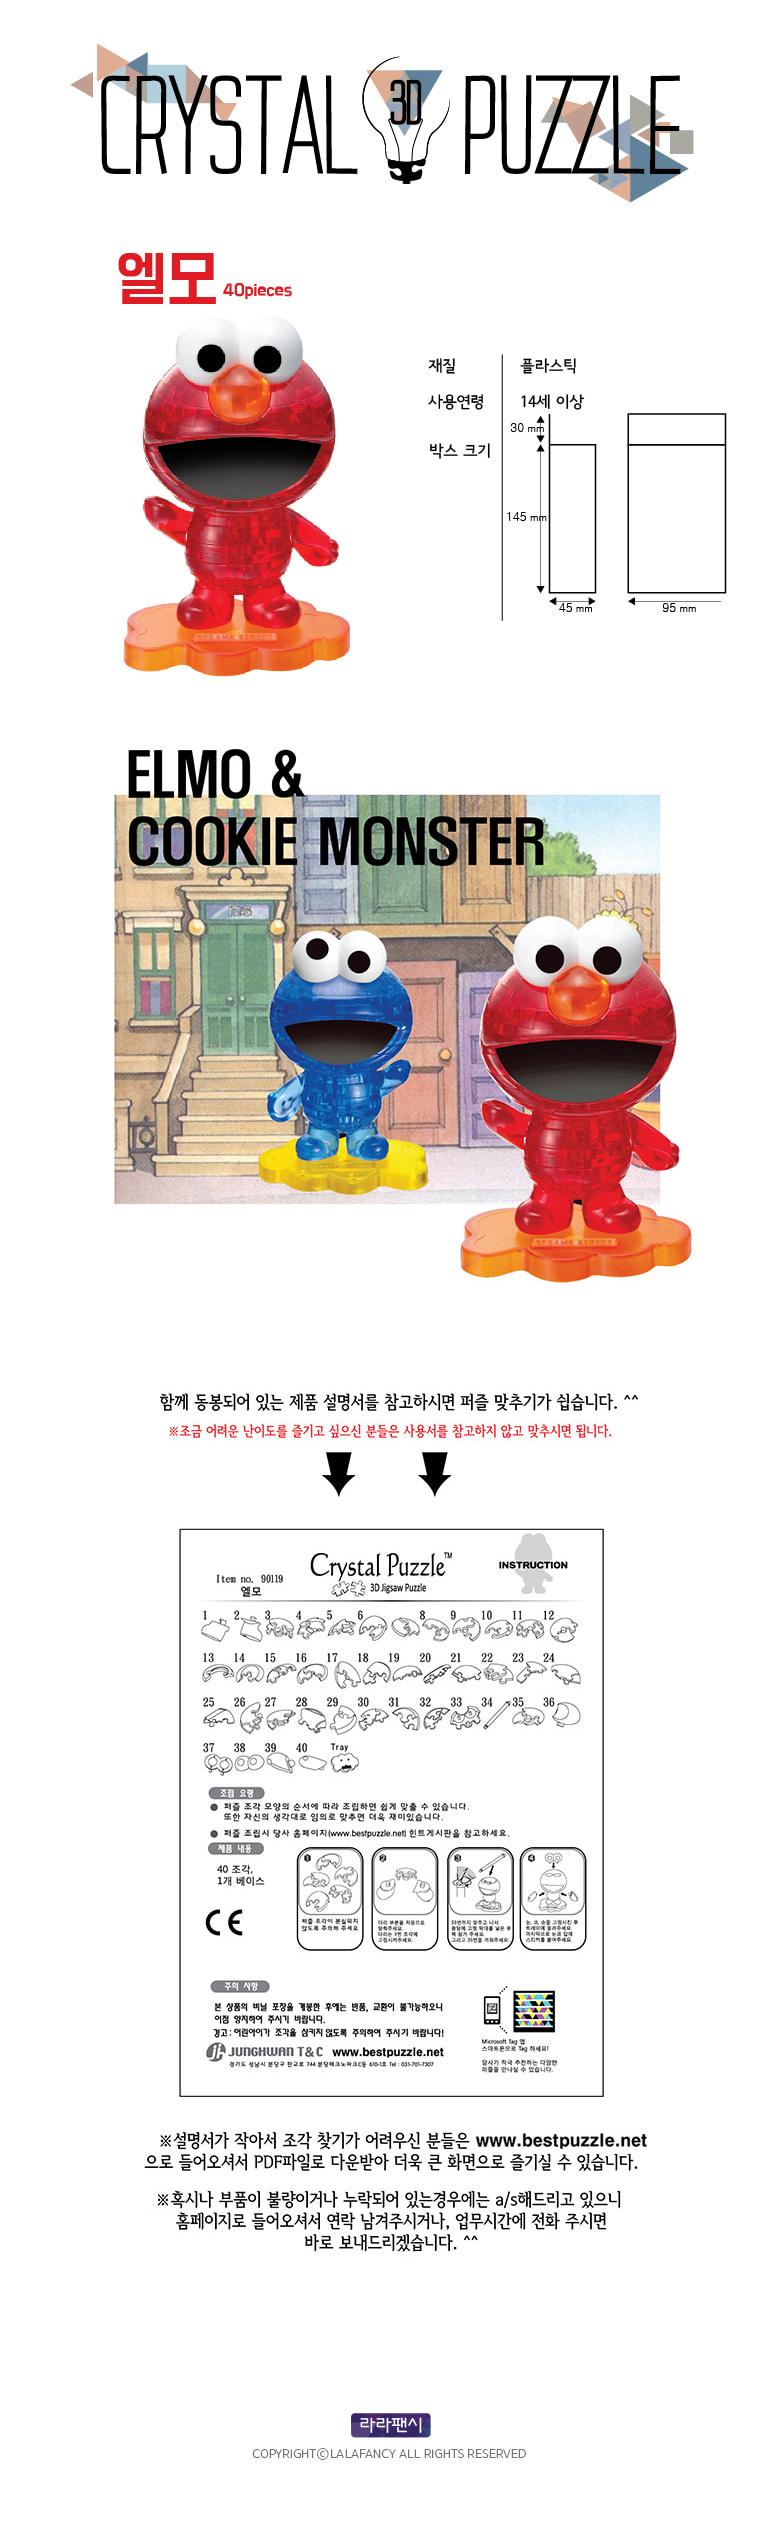 크리스탈 3D 입체 퍼즐 엘모(Elmo) - 아이비스, 19,000원, 조각/퍼즐, 3D입체퍼즐